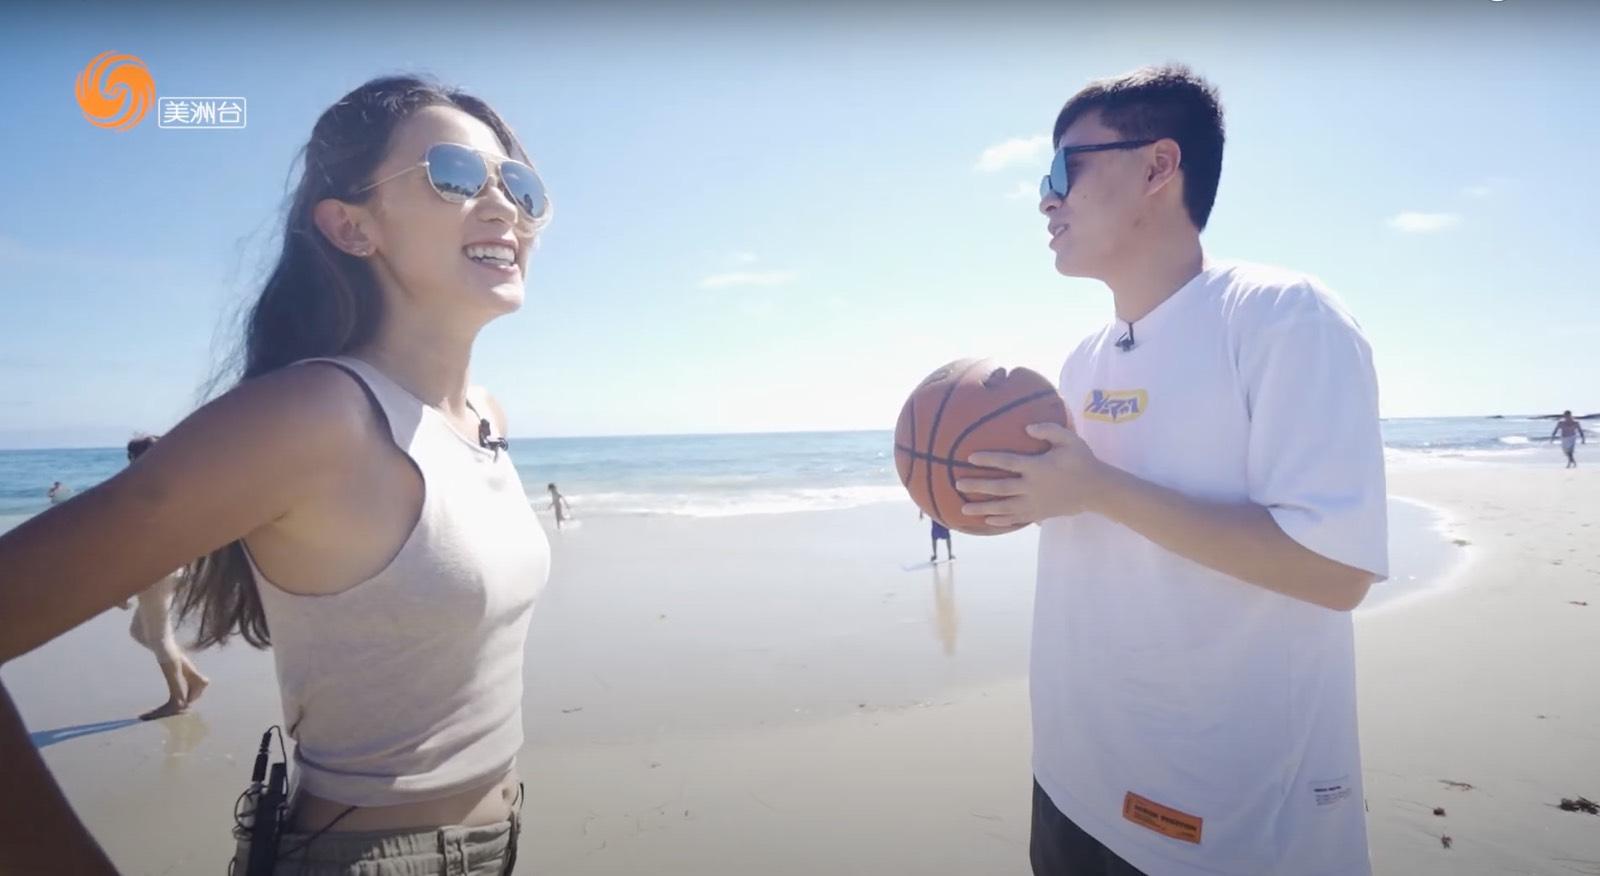 和北美篮球社创始人白晨阳在加州Laguna海滩公园聊创业